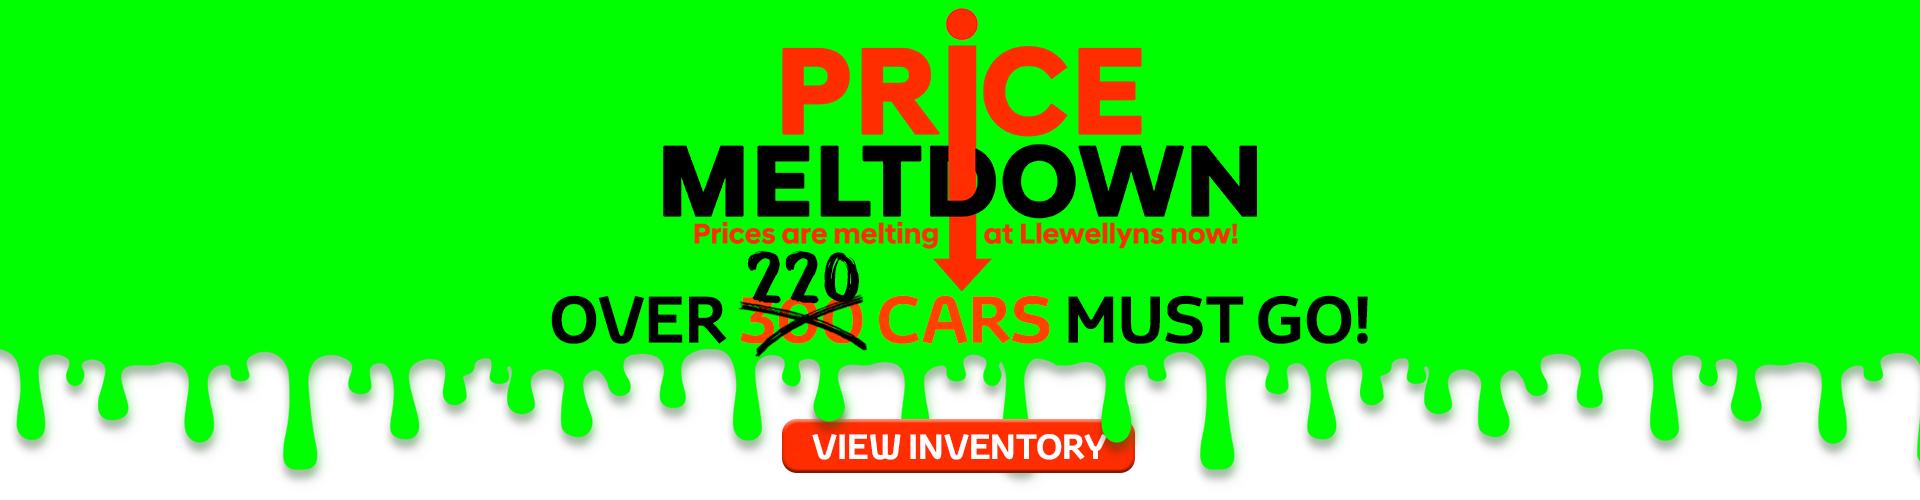 Price Meltdown